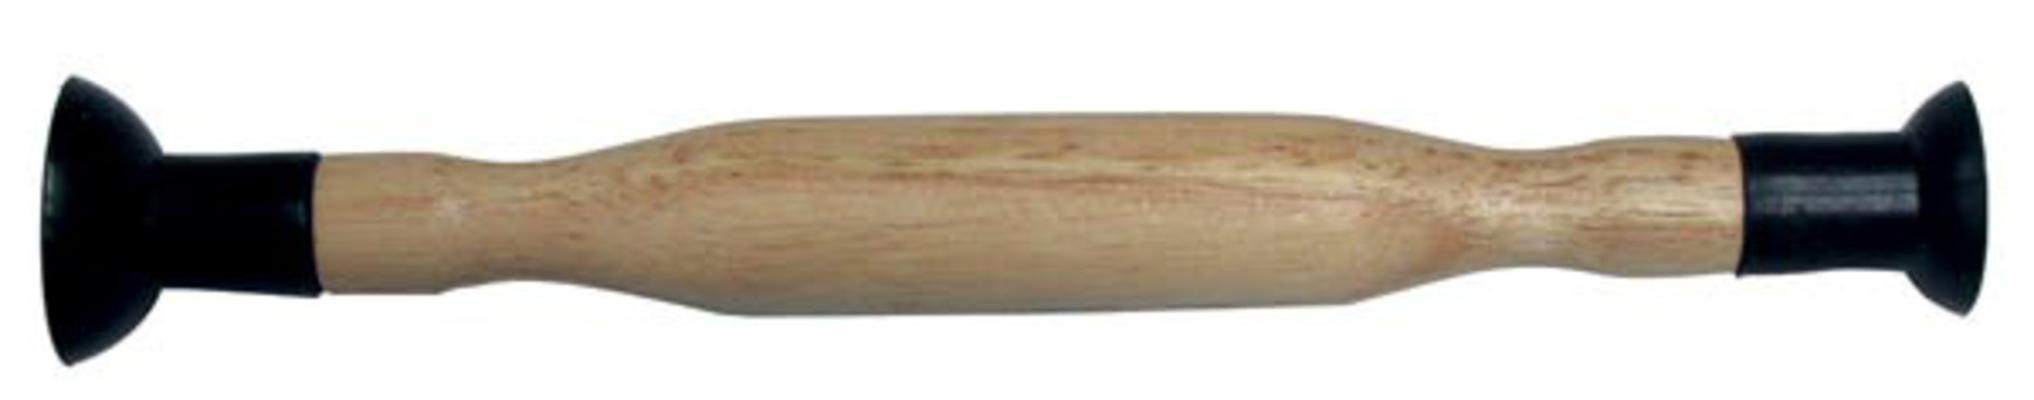 Venttiilinhiomatyökalu 28 / 35 mm - Venttiilinhiomavarsi 28 / 35 mm